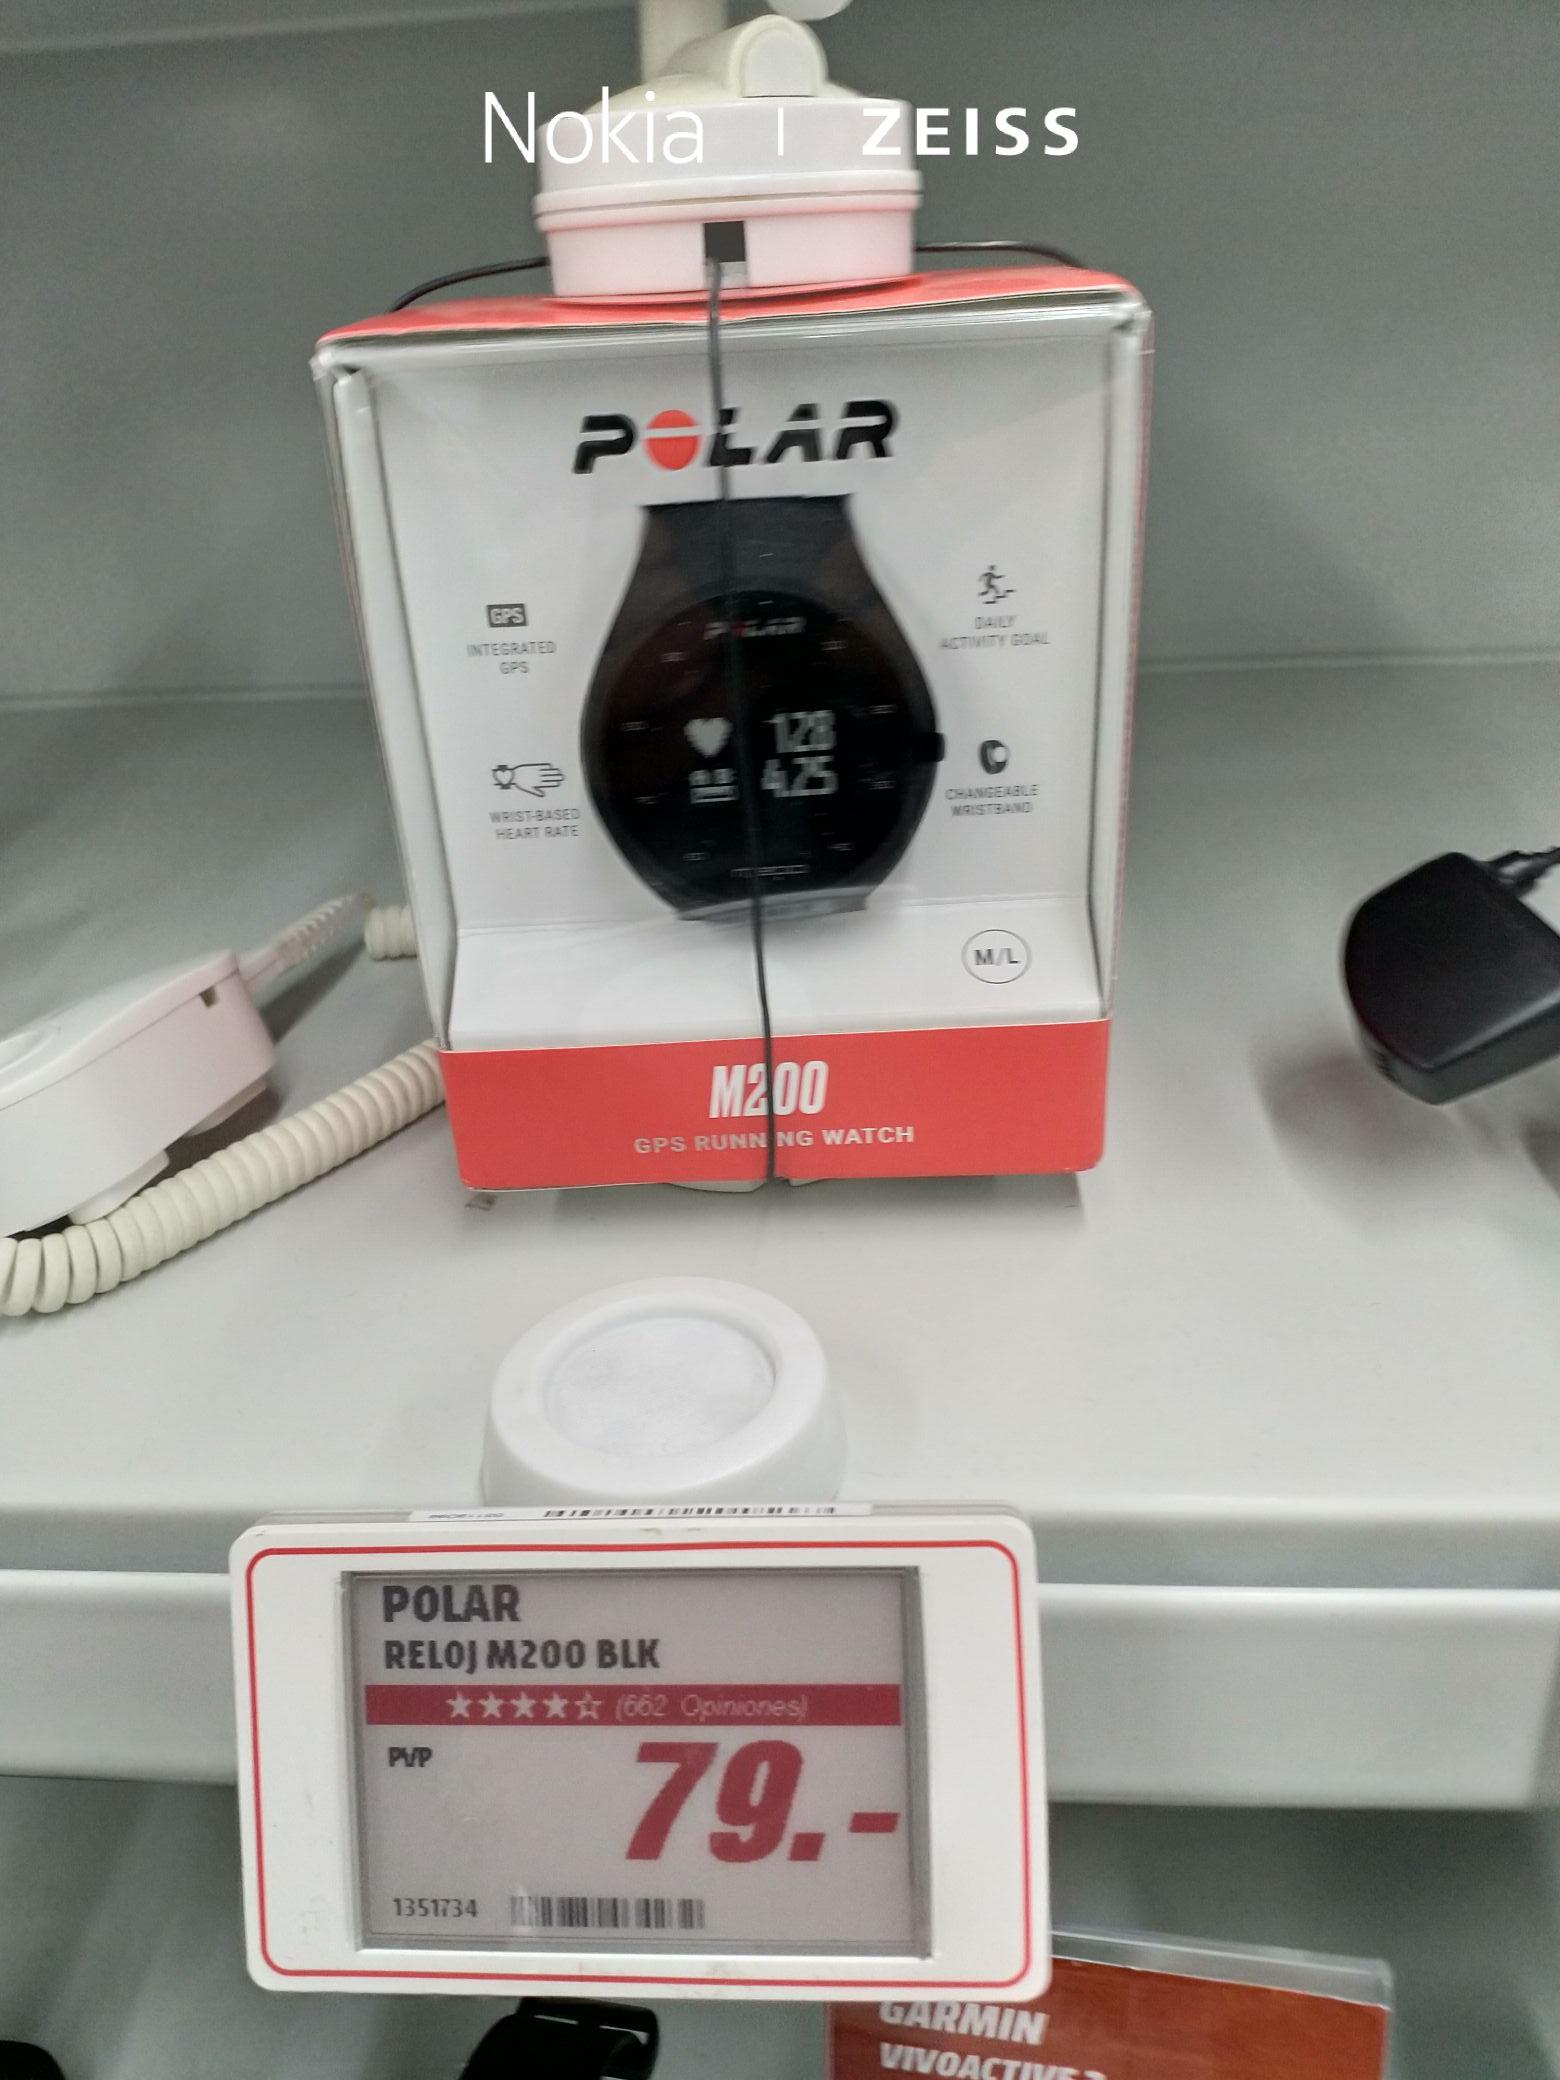 polar m200 en Mediamark por 79 euros